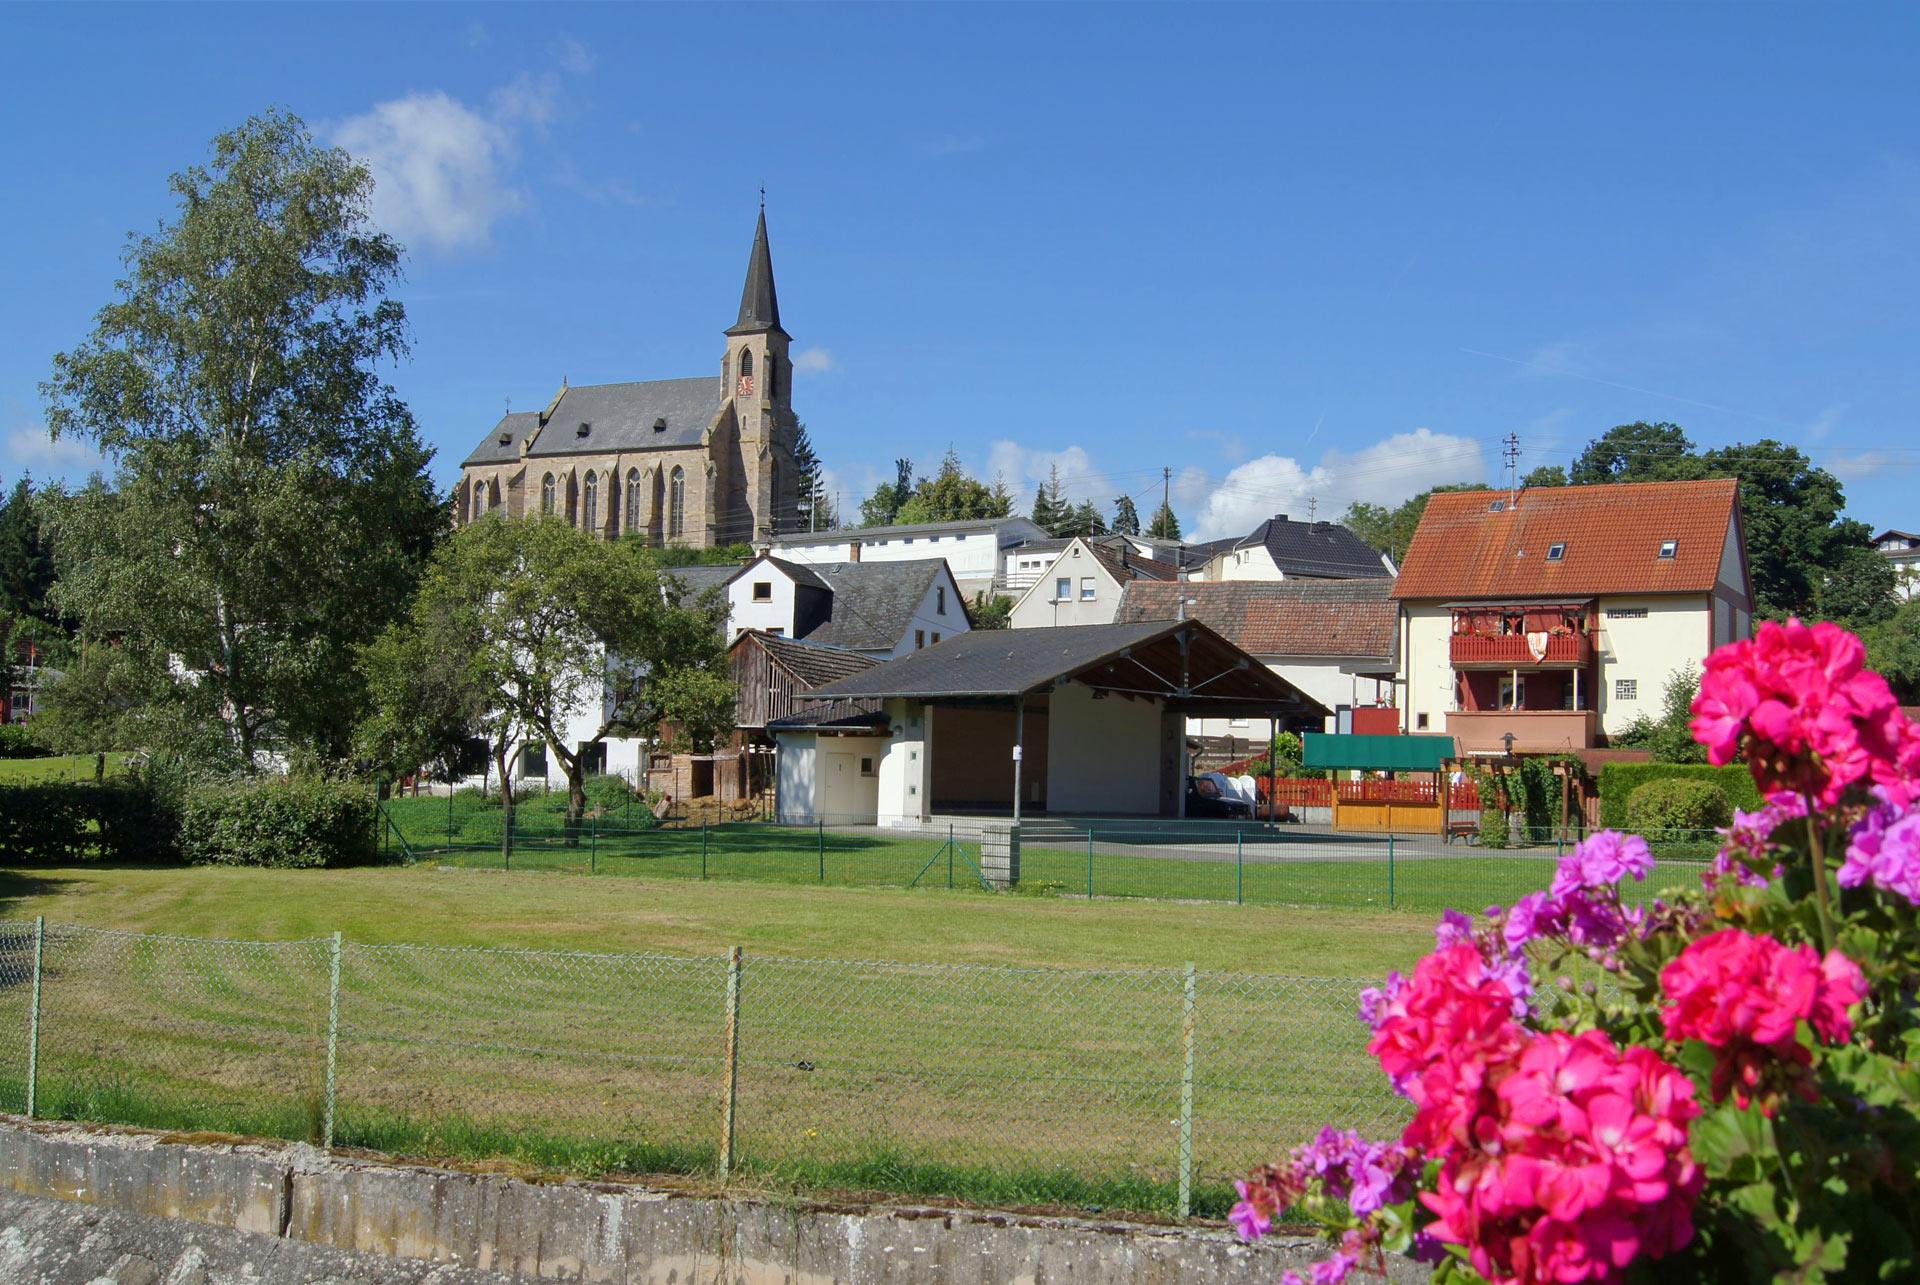 Blick von der Brücke auf Dorfplatz und Kirche